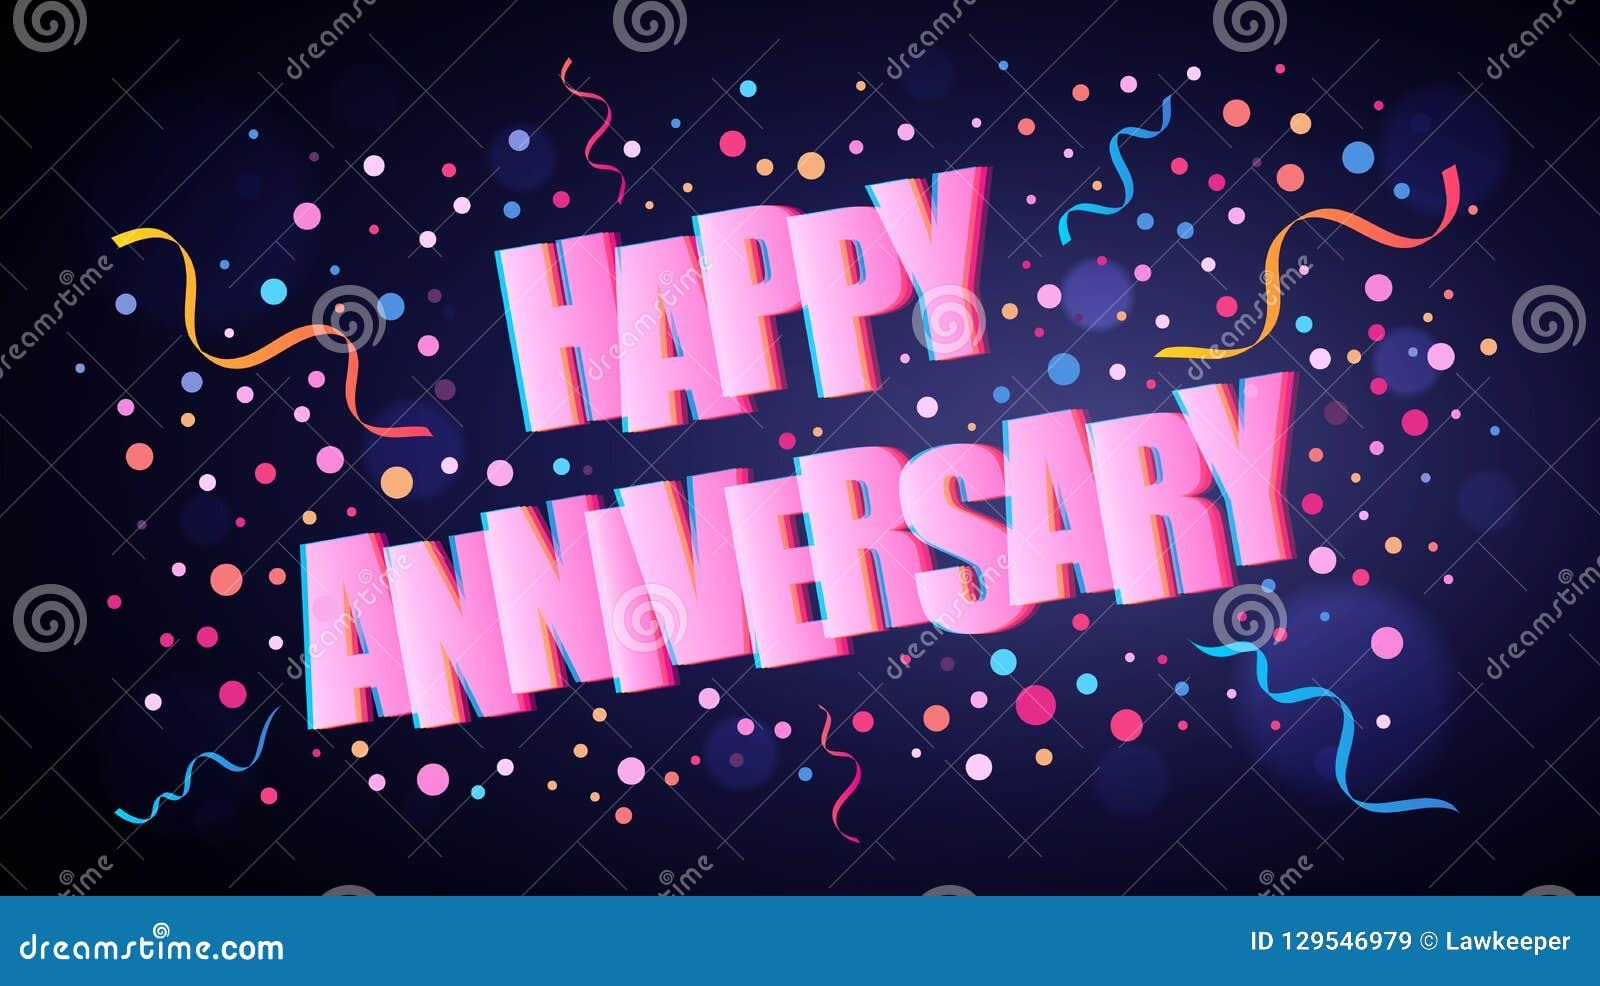 Gelukkige Verjaardag die het feestelijke van letters voorzien overlappen met kleurrijke ronde confettien